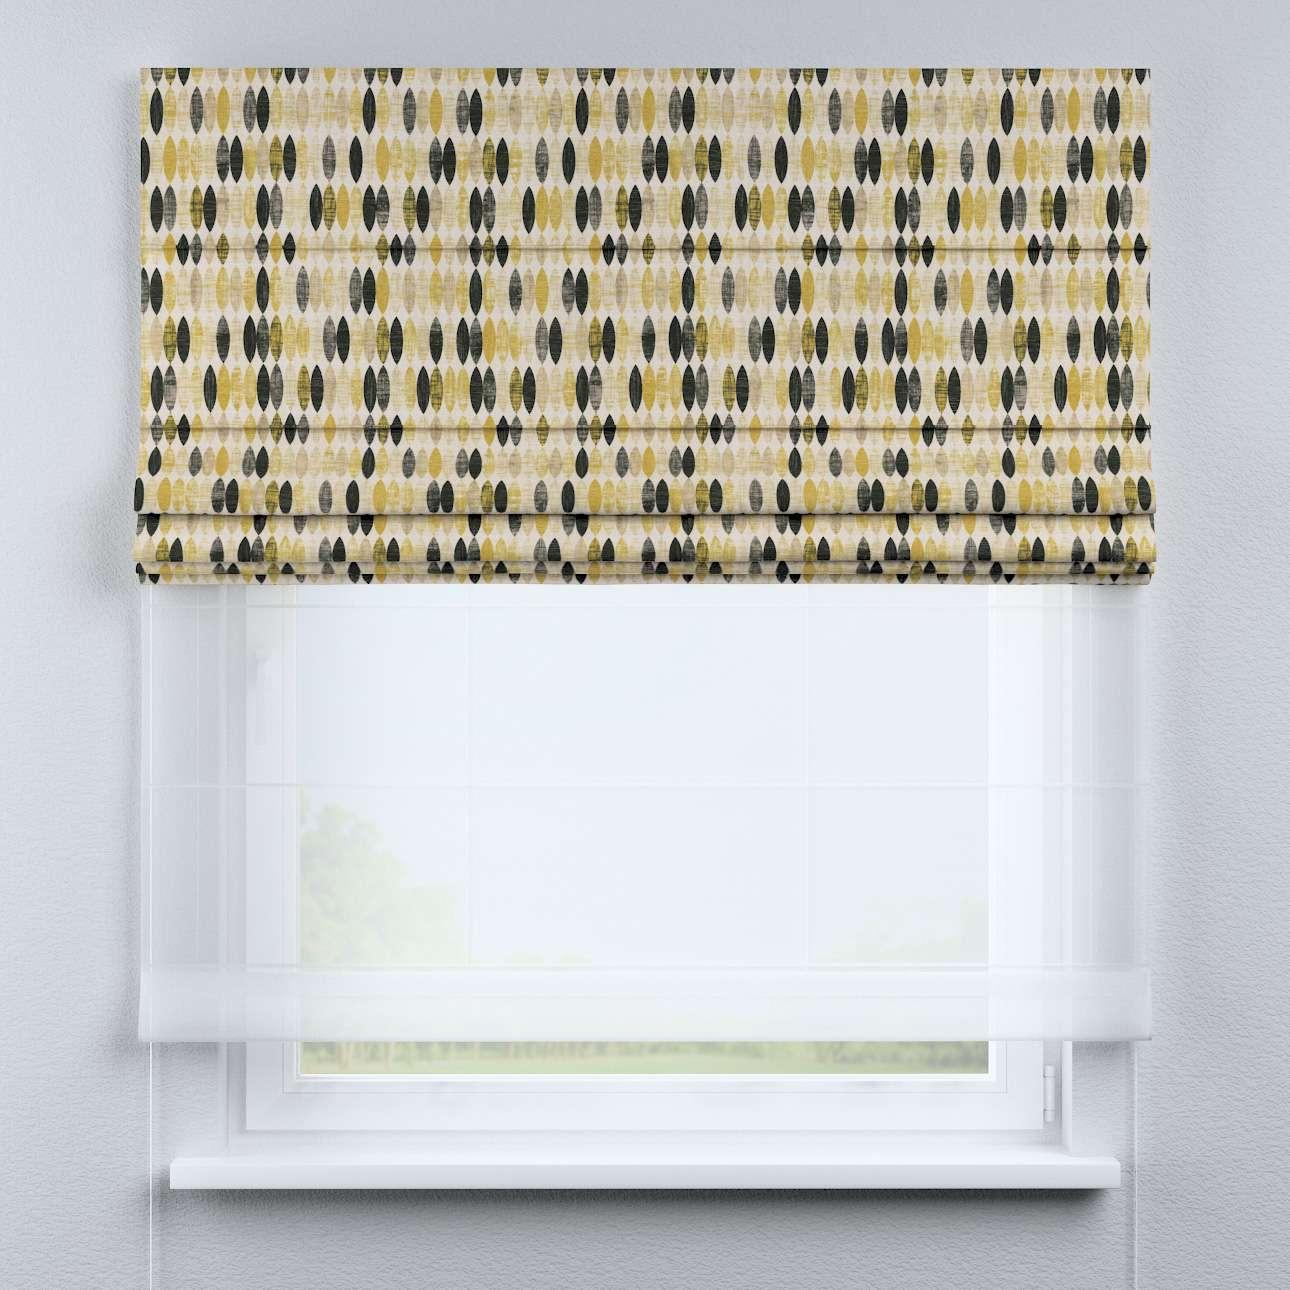 DUO Rímska roleta V kolekcii Modern, tkanina: 142-99